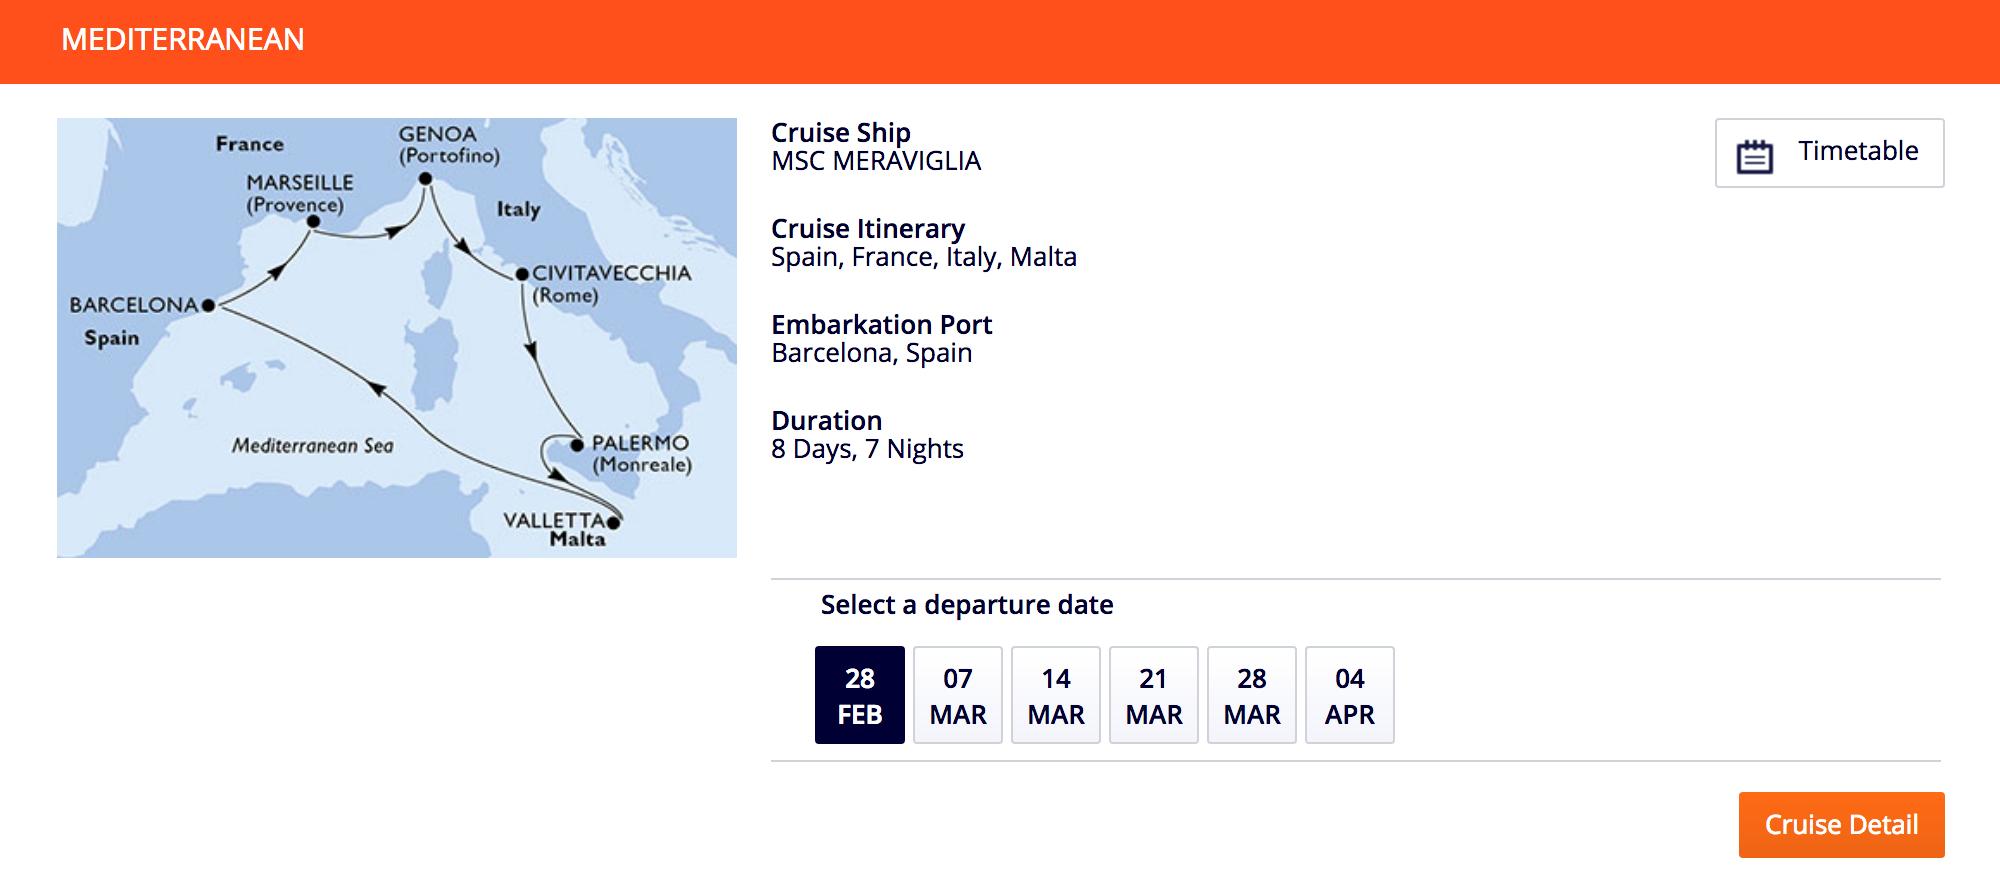 Стандартный круг по Средиземному морю можно начать из любого порта. Если корабль идет по часовой стрелке, из кают по левому борту видно побережье. В такие круизы ходят лайнеры компаний «Коста», MSC, «Аида». Дорогие компании предлагают более долгие некруговые круизы